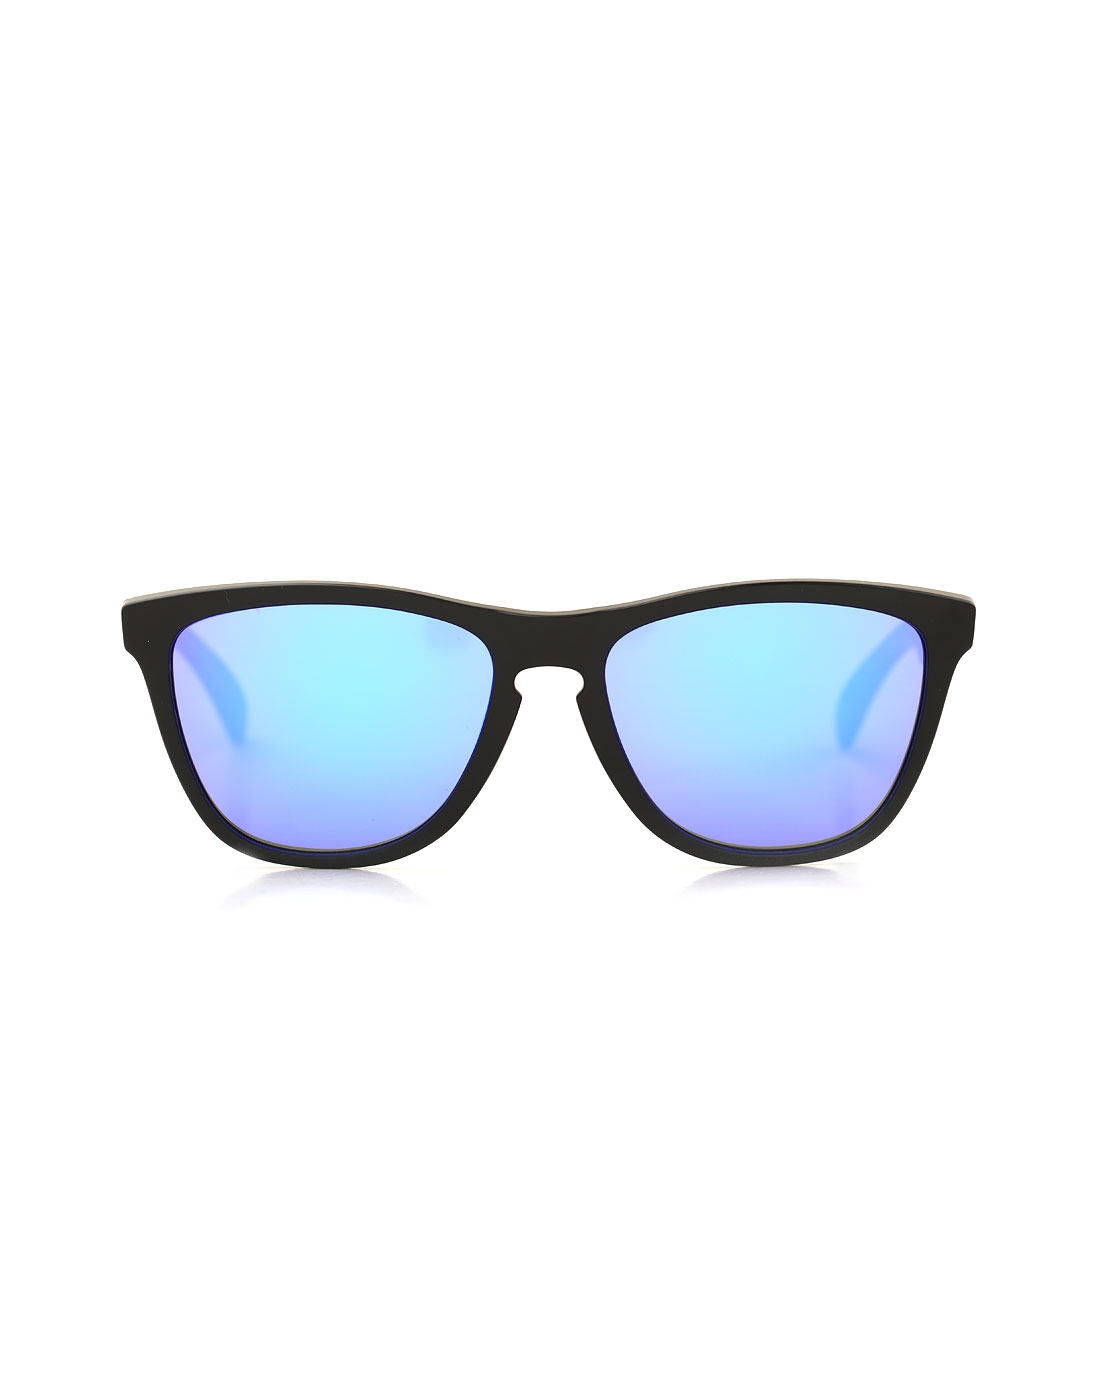 奢品眼镜专场-欧克利oakley 复古粗边框形太阳镜